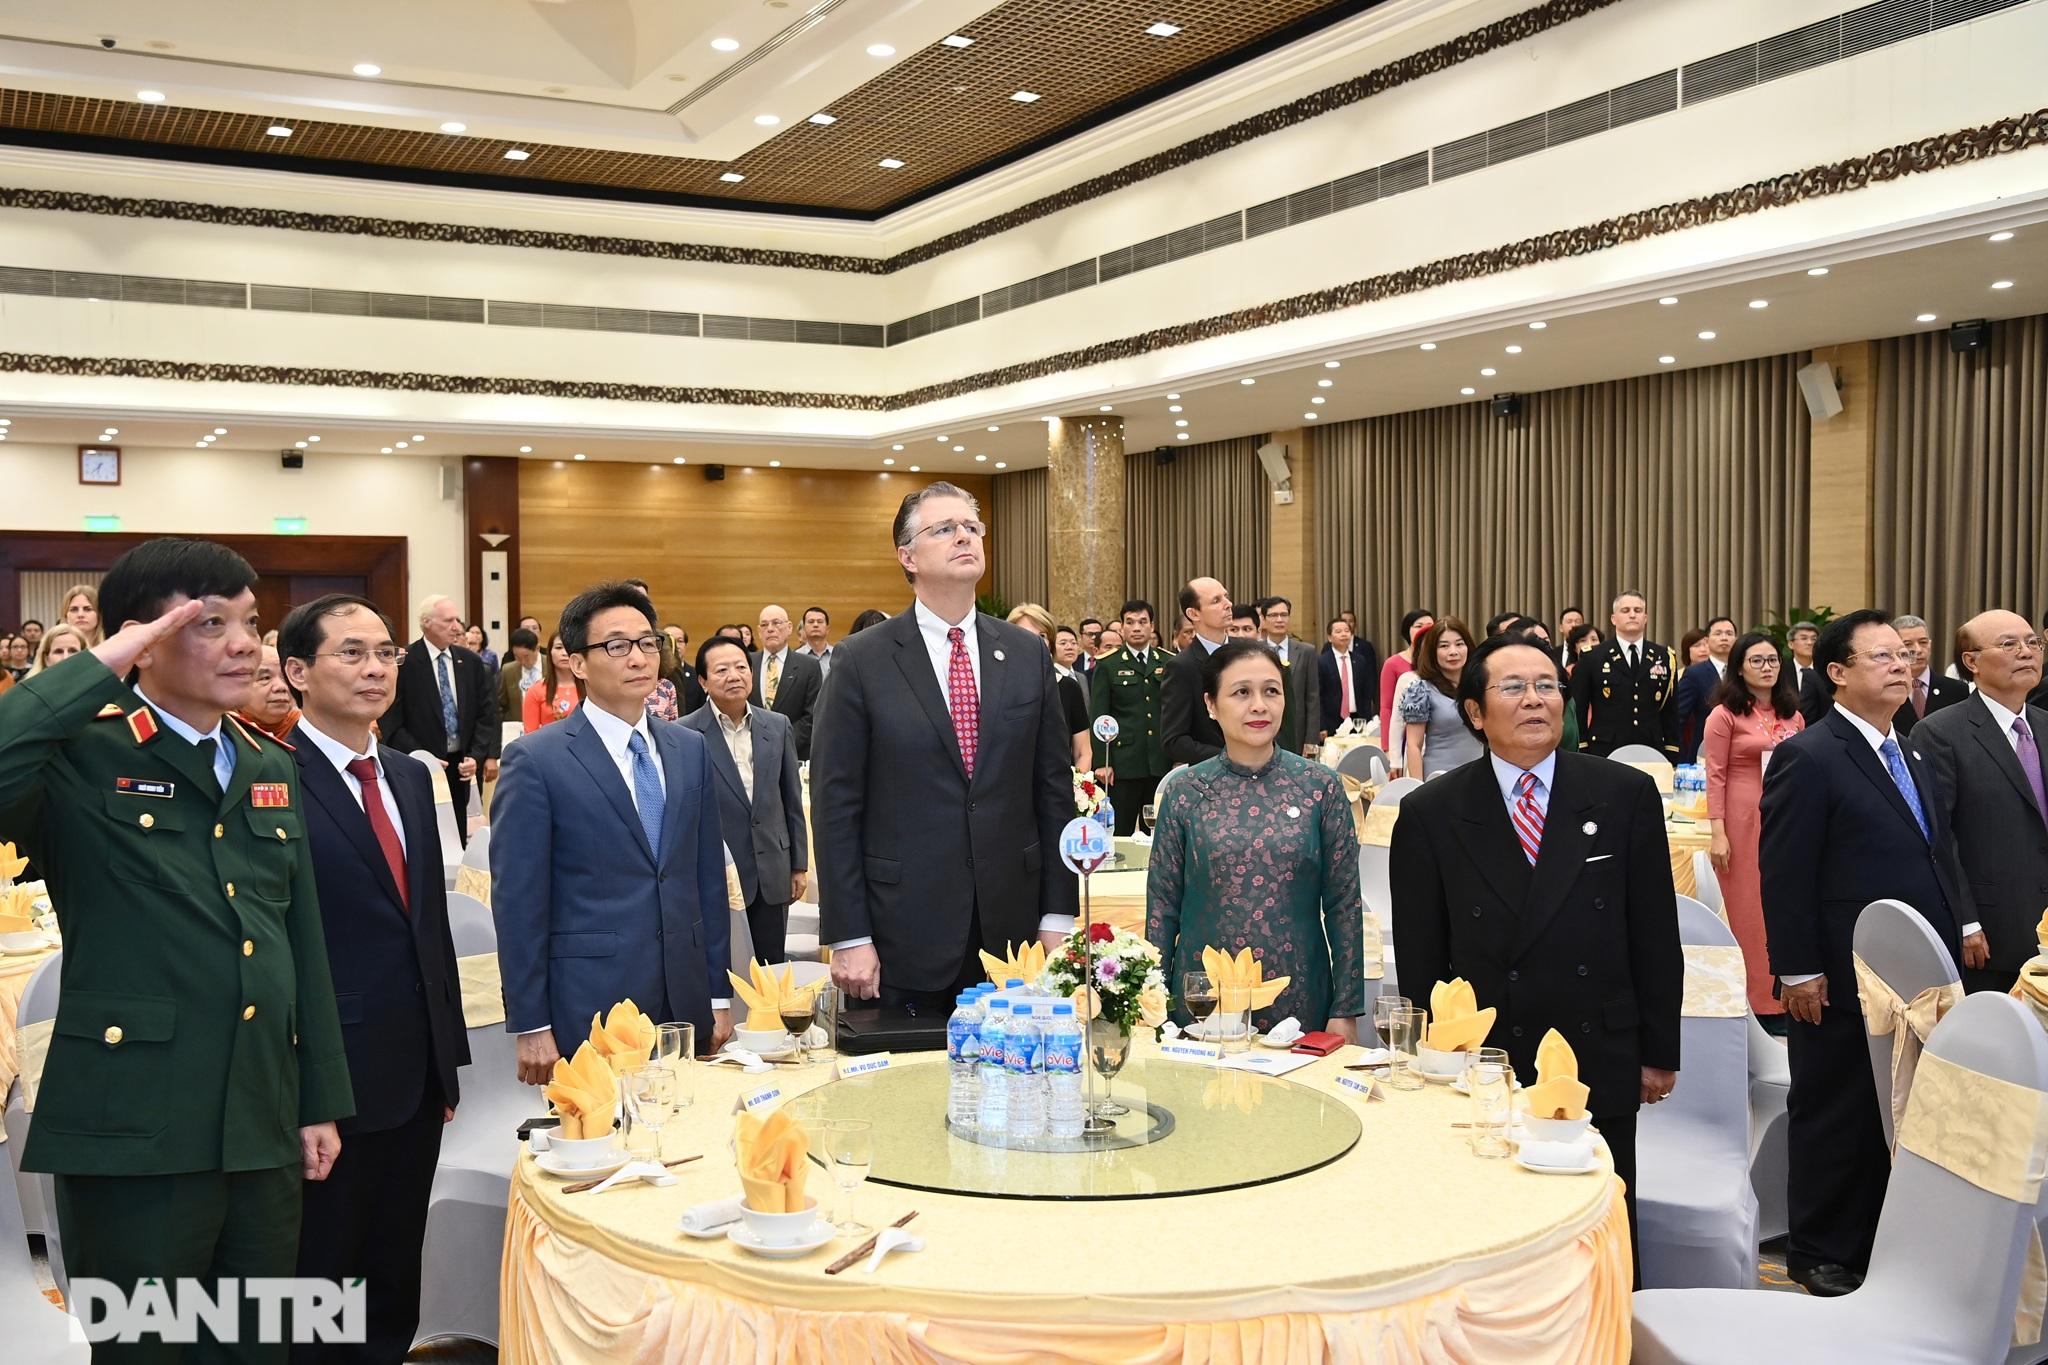 Cuộc gặp của những người xây nền móng cho 25 năm quan hệ Việt Nam - Hoa Kỳ - 1